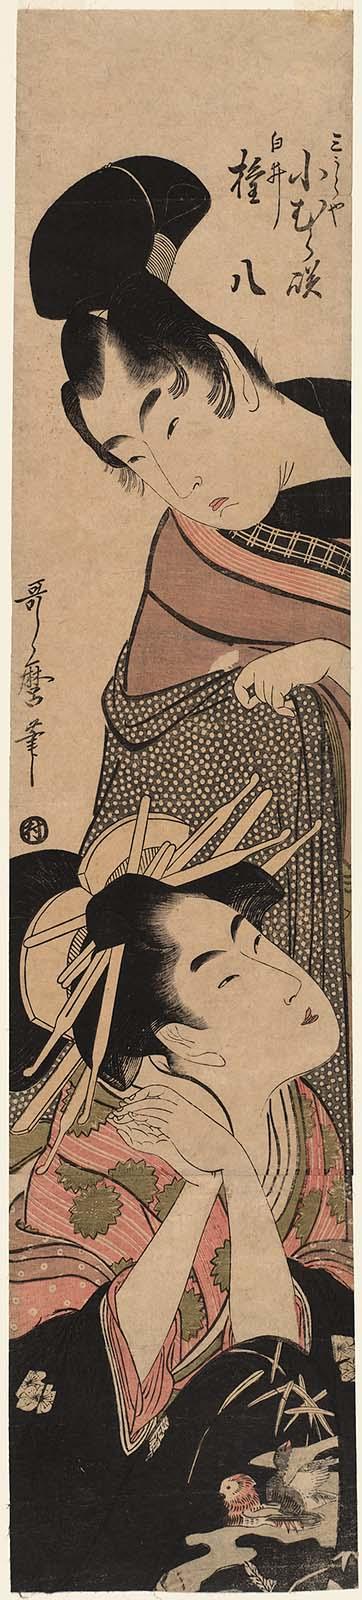 Komurasaki of the Miuraya and Shirai Gonpachi  「三うらや小むら咲 白井権八」